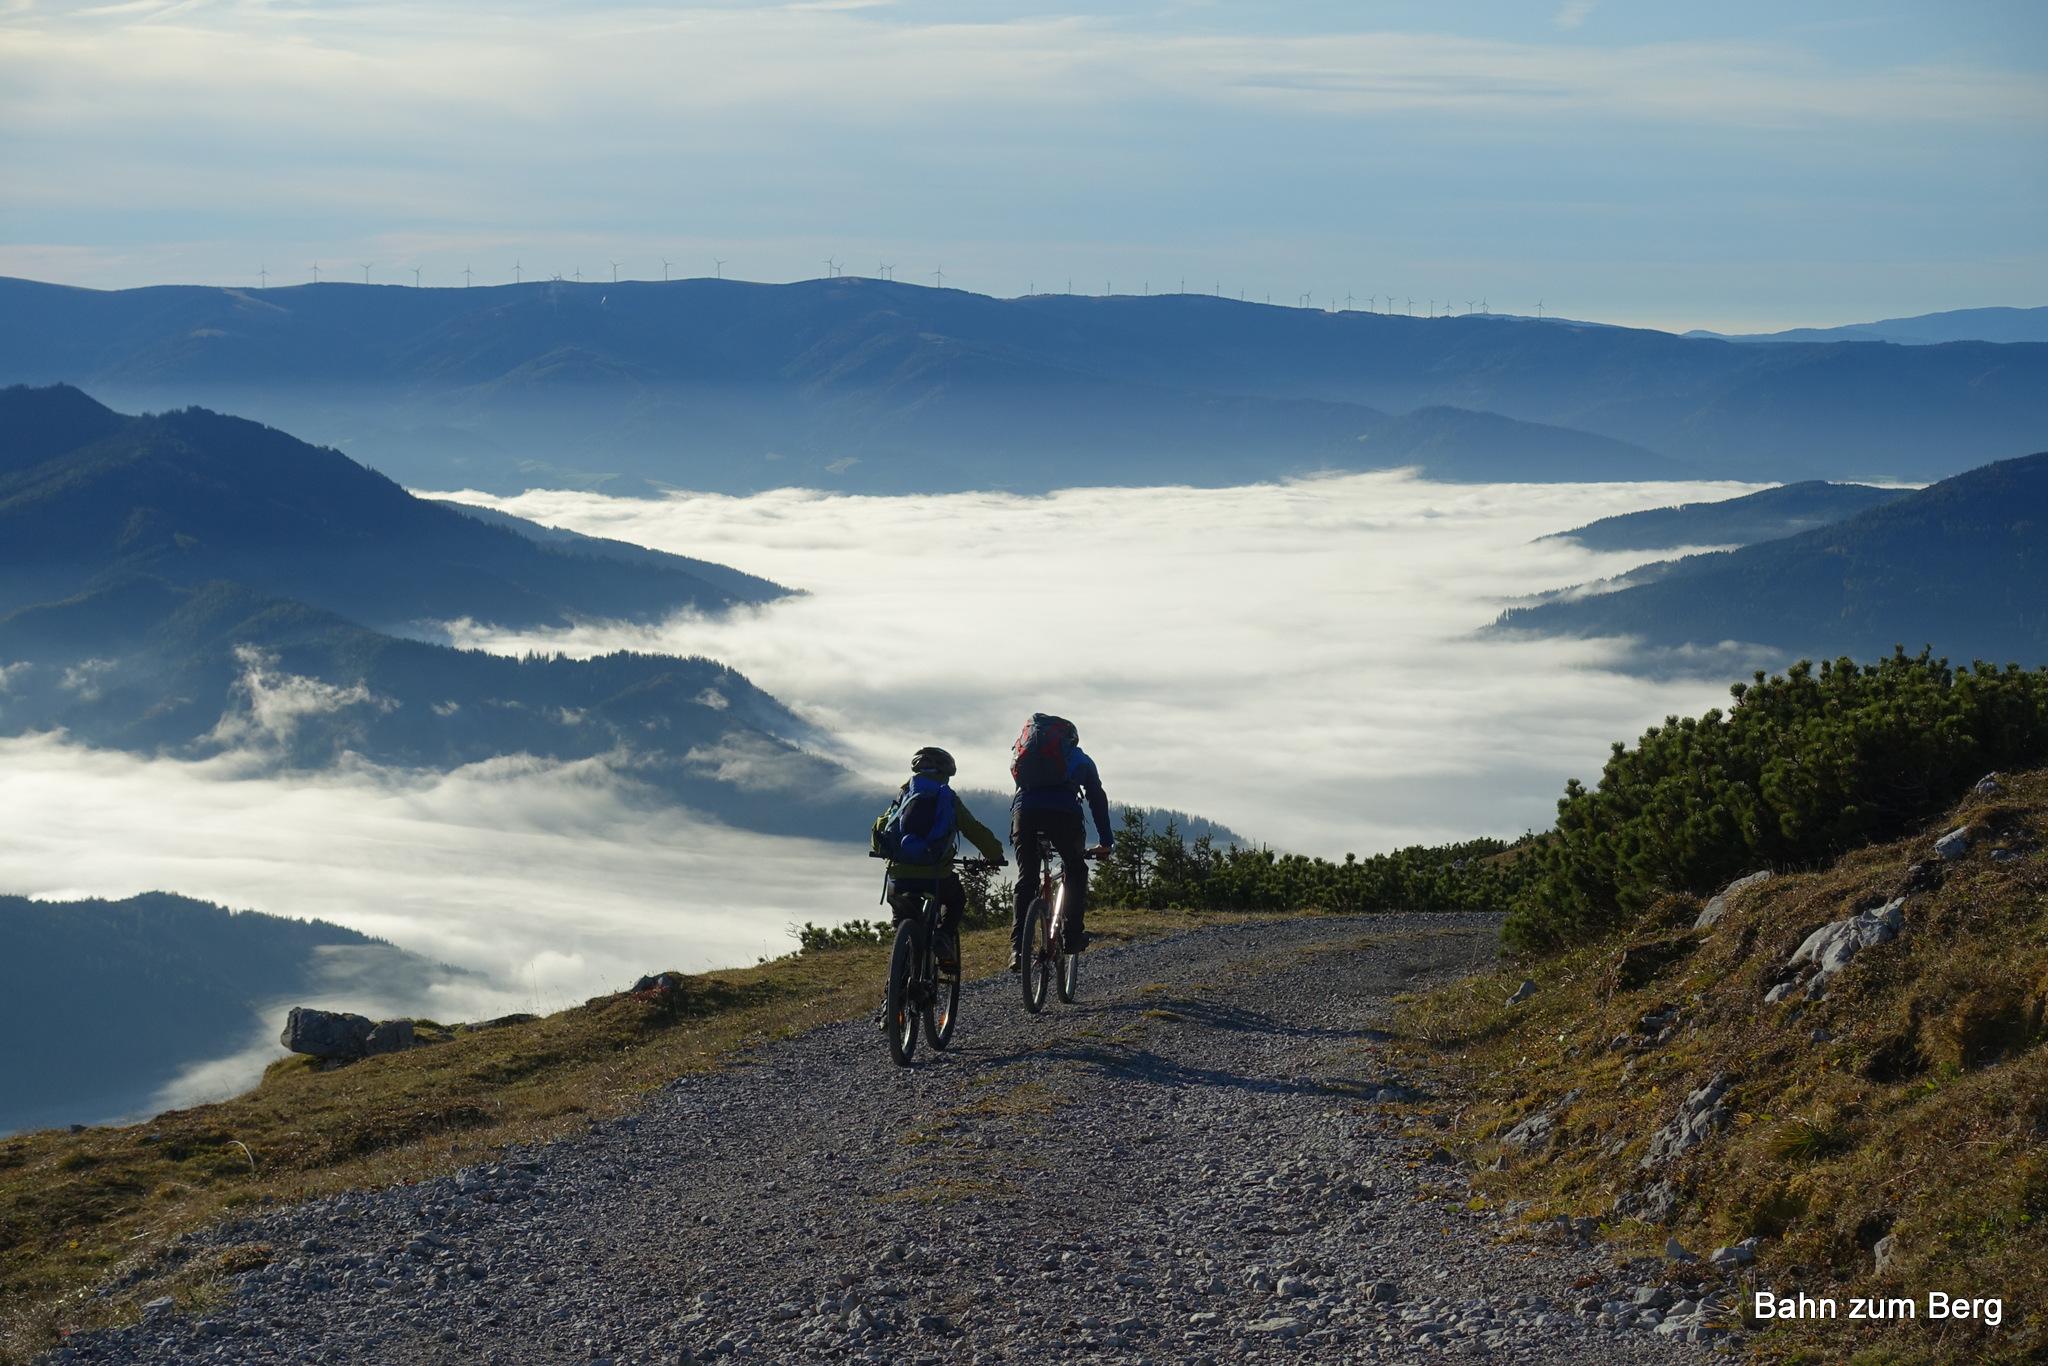 Im Tal liegt dichter Nebel